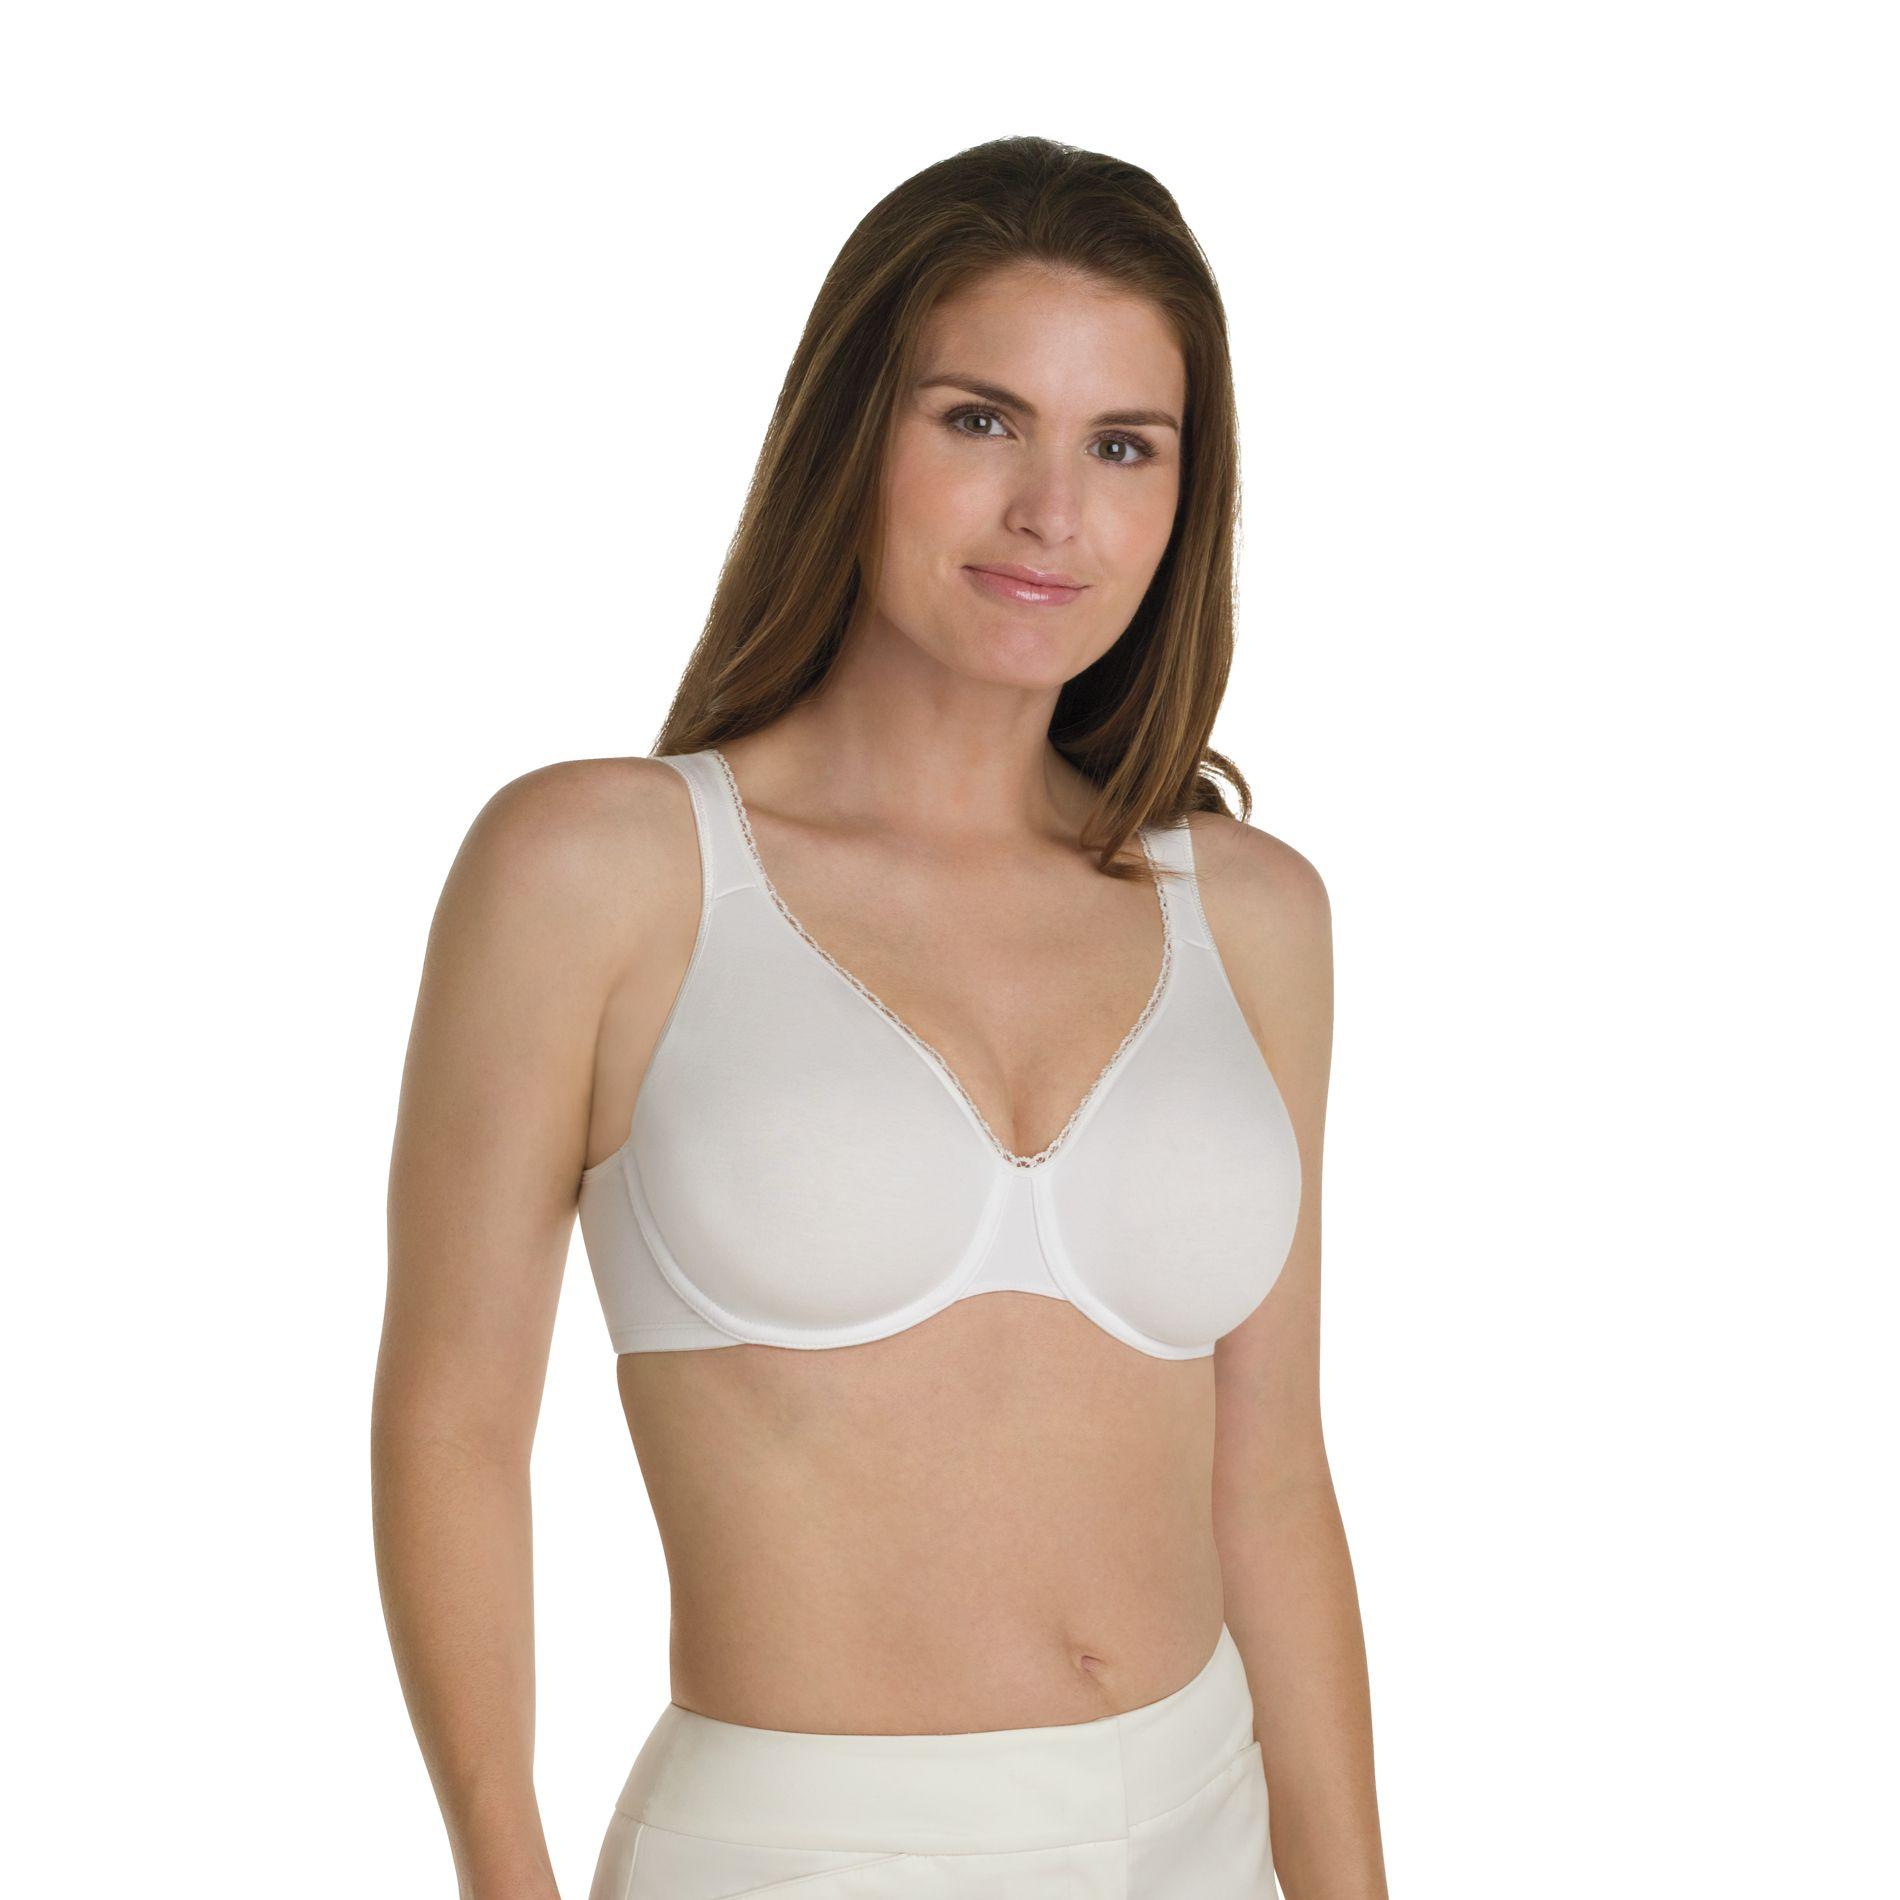 Playtex Bra Stretch Cotton Underwire Seamless Style 5222